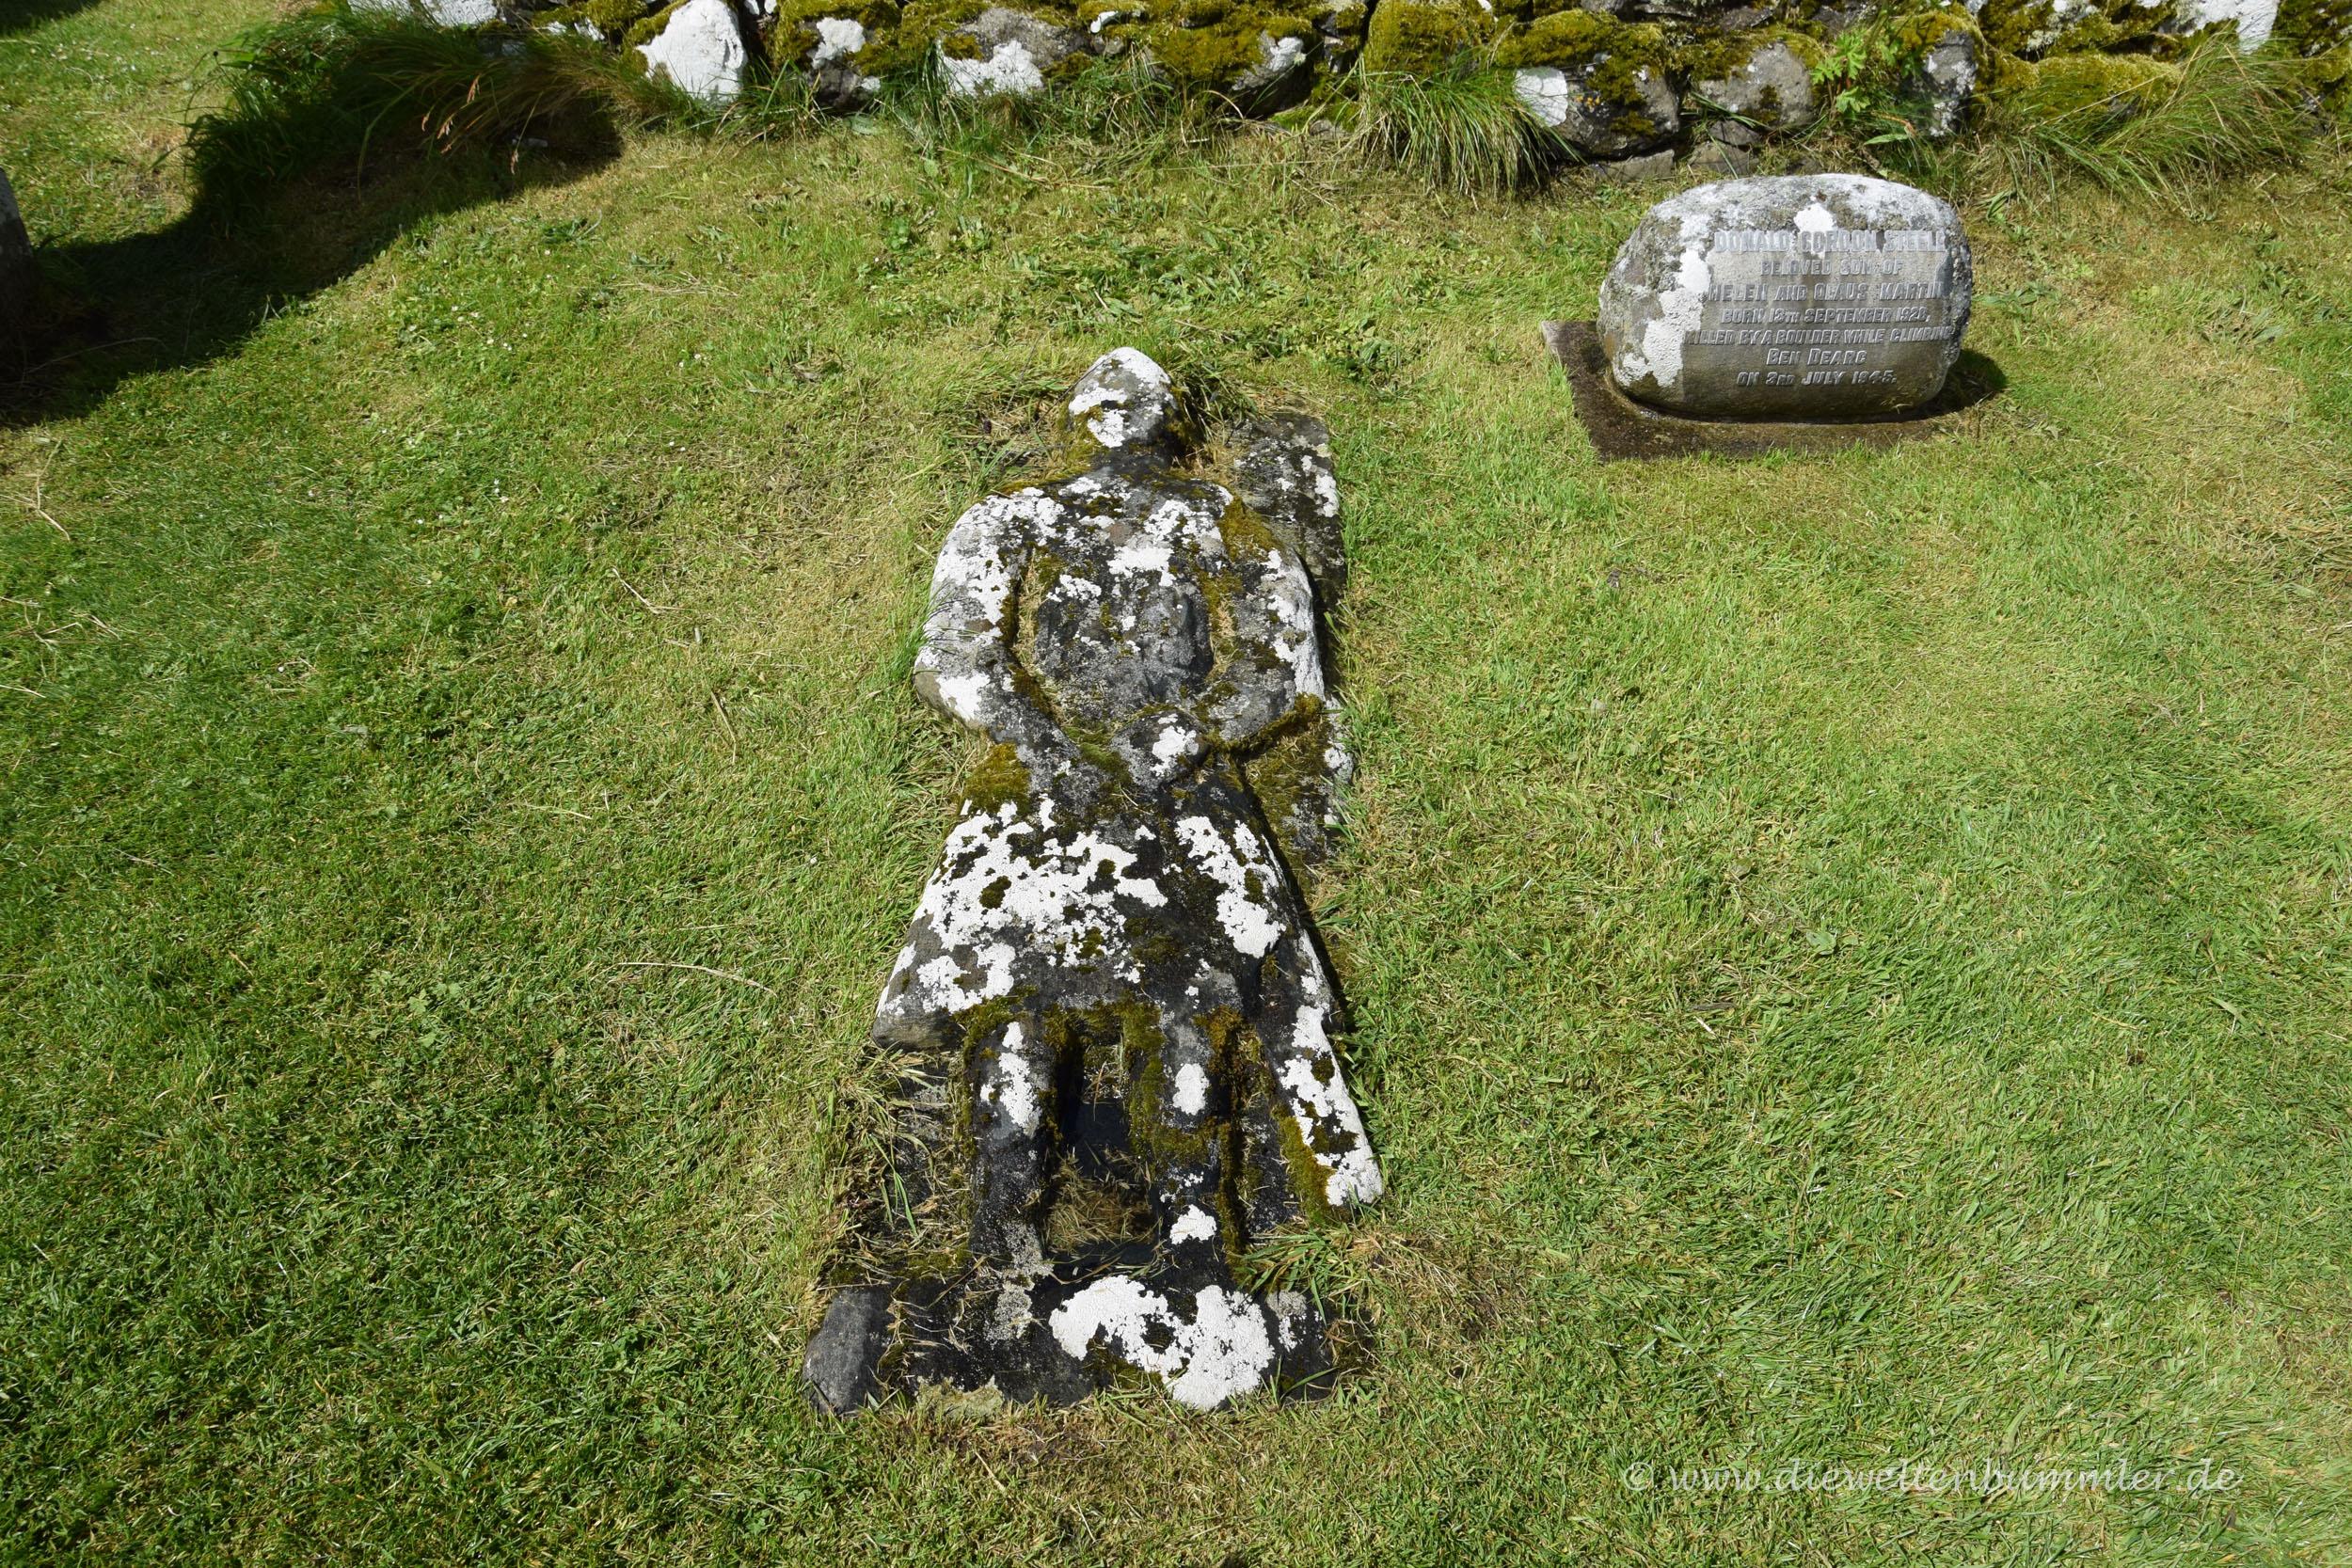 Grabstein in Menschenform